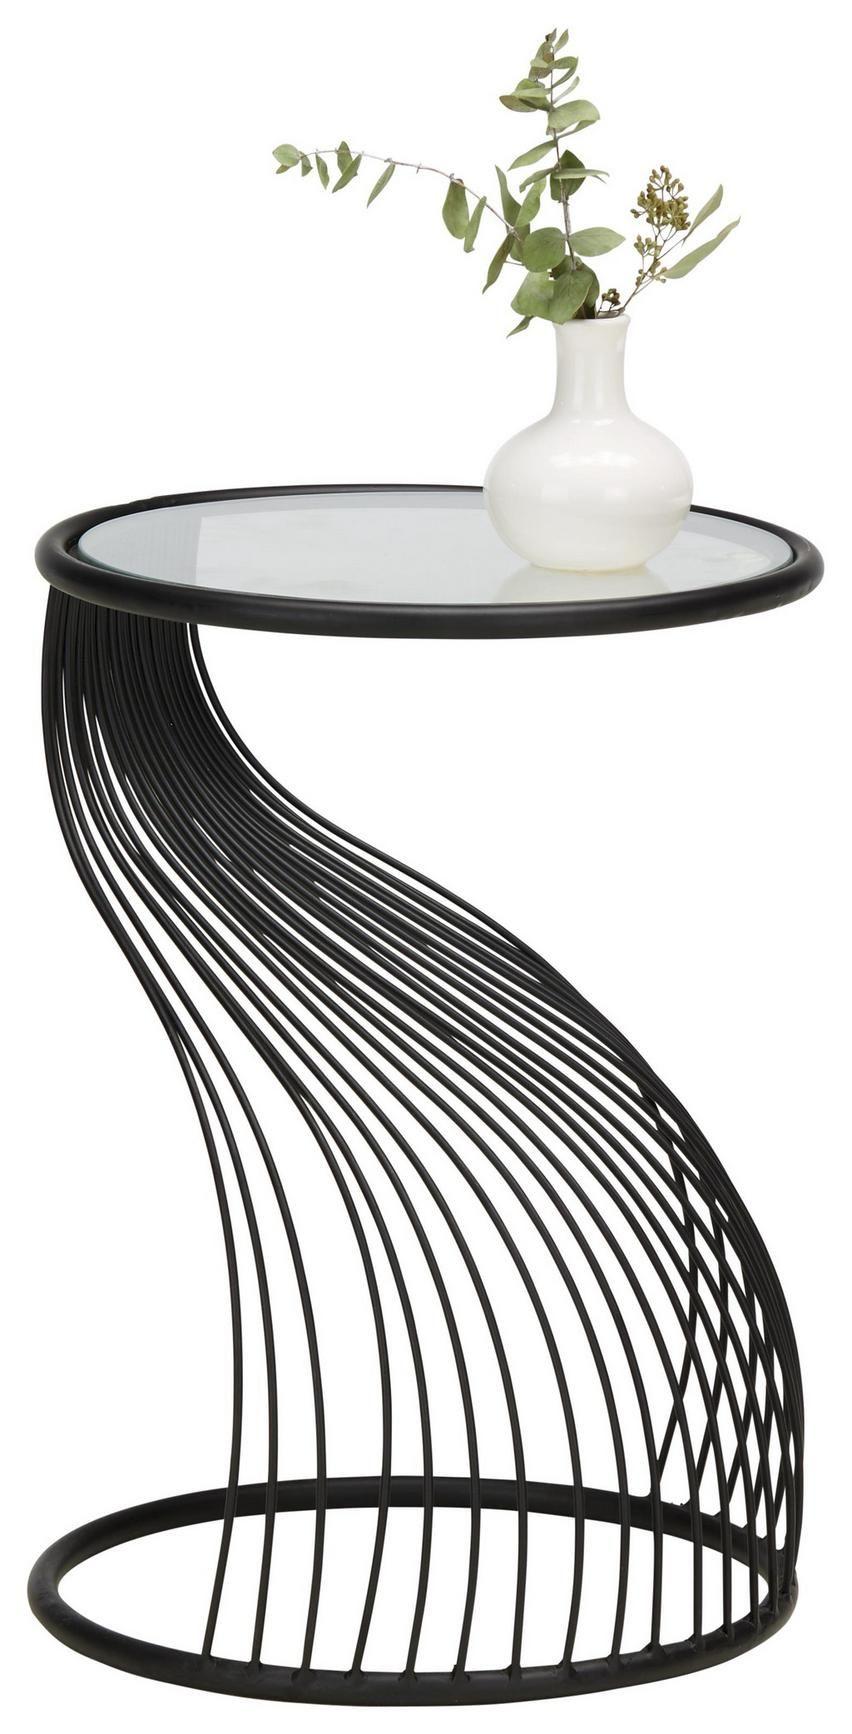 Beistelltisch In Schwarz Online Kaufen Momax Beistelltisch Glas Beistelltisch Couchtisch Weiss Hochglanz